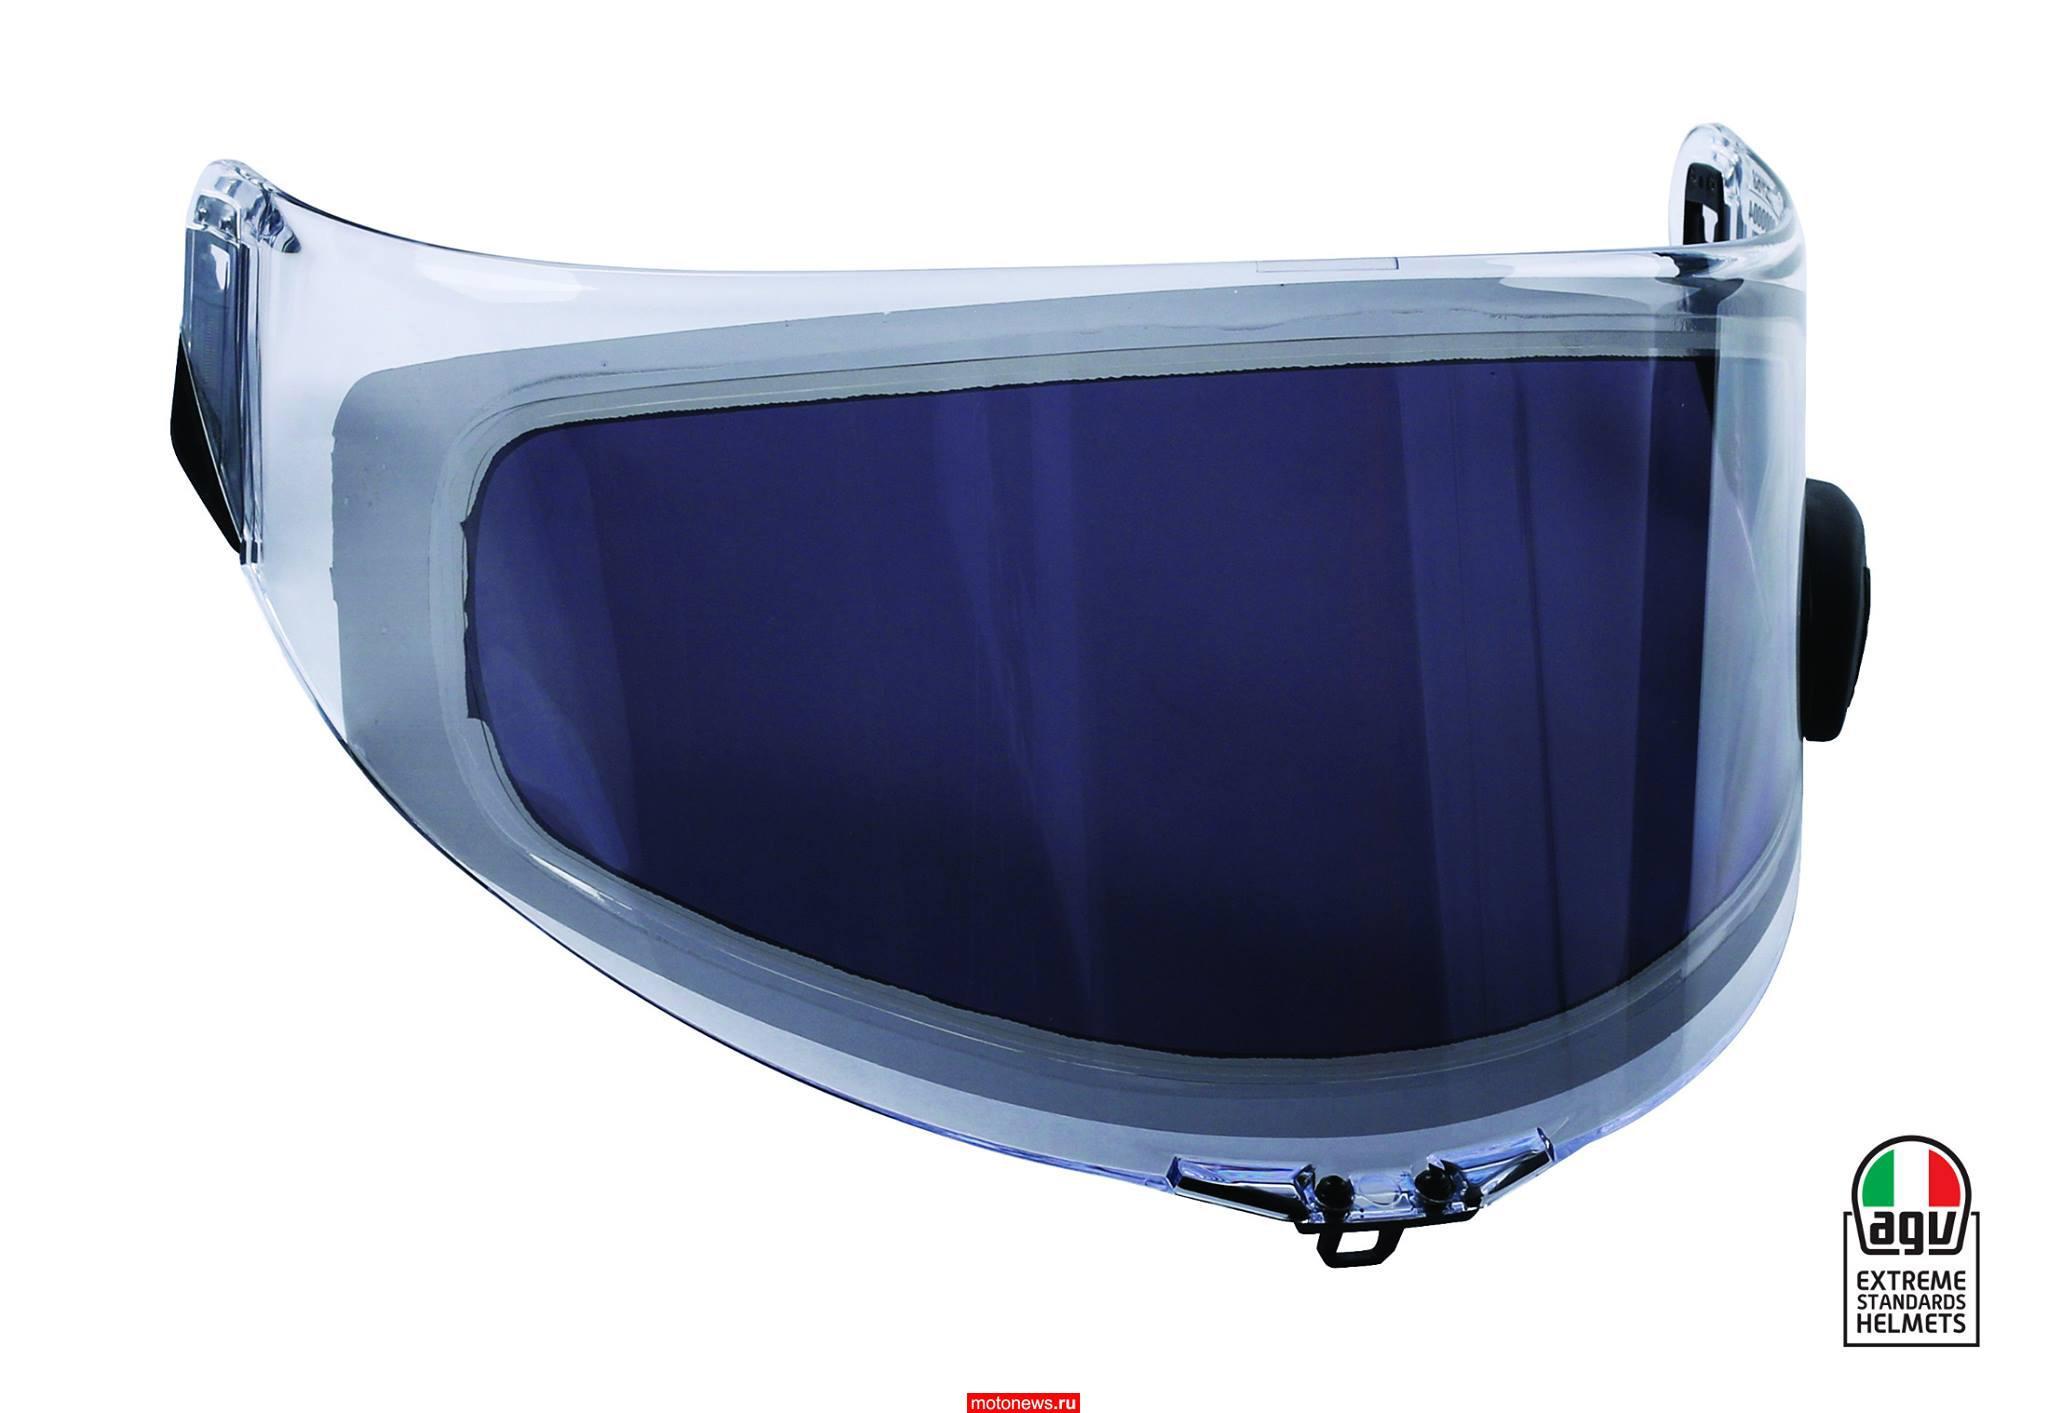 AGV представила инновационные стекла для шлемов AGVisor - с электротонировкой